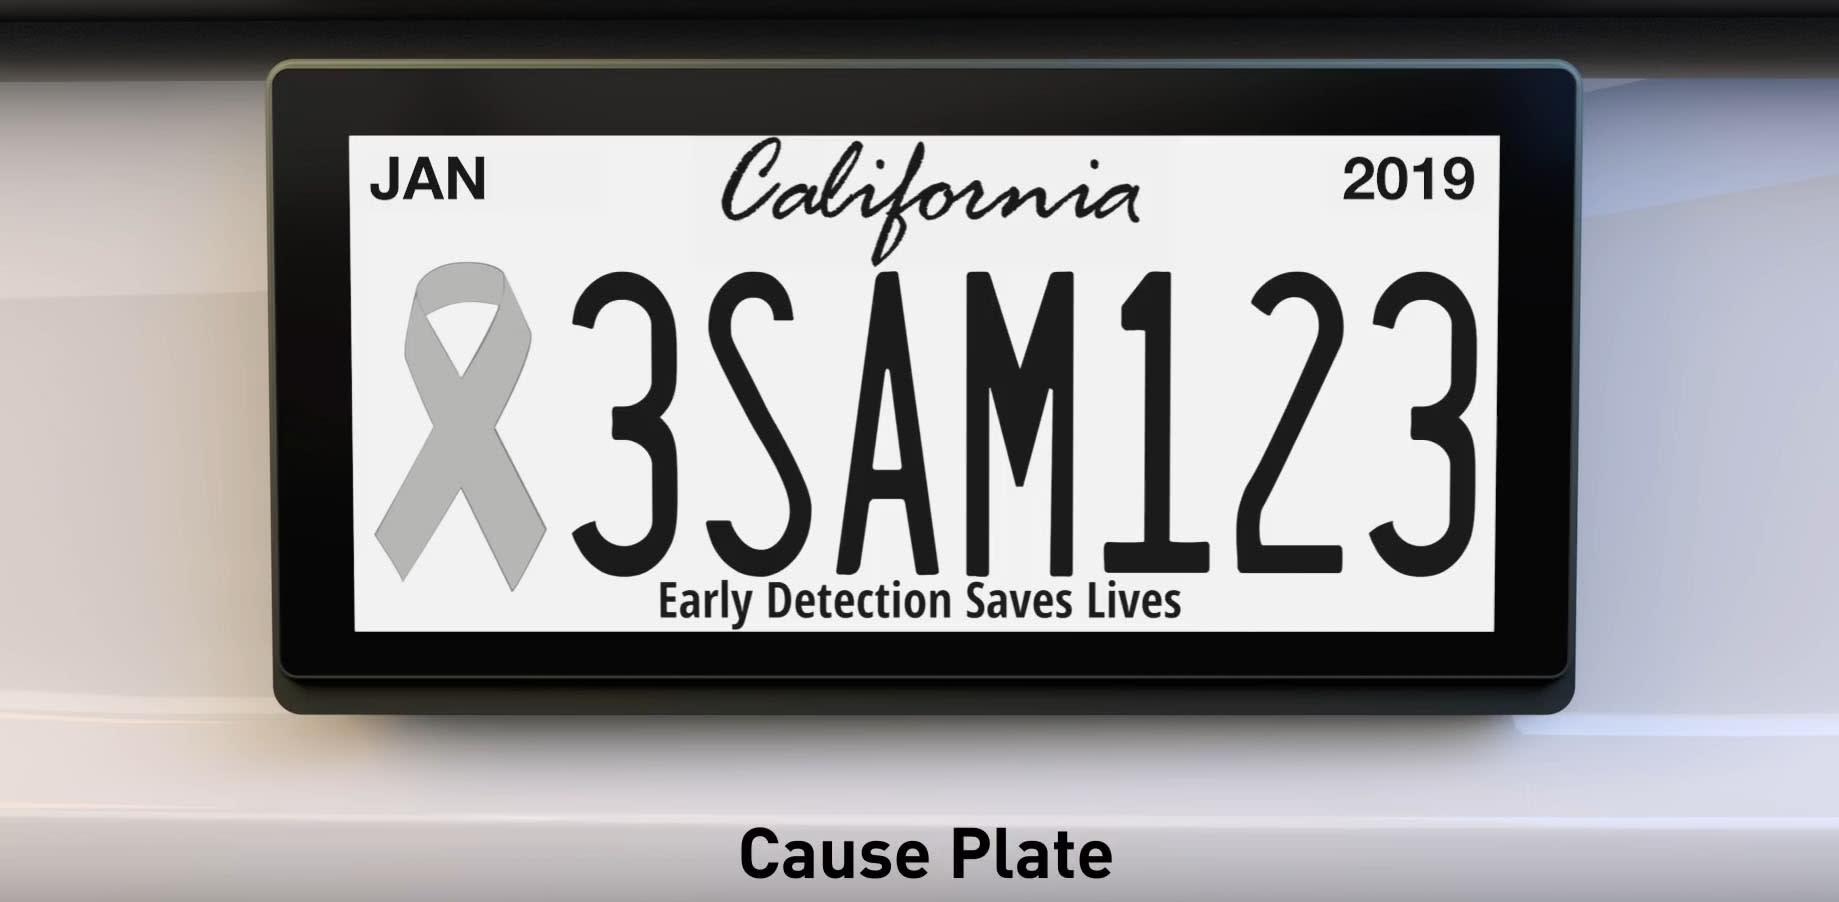 Digital license plate pilot program begins in California